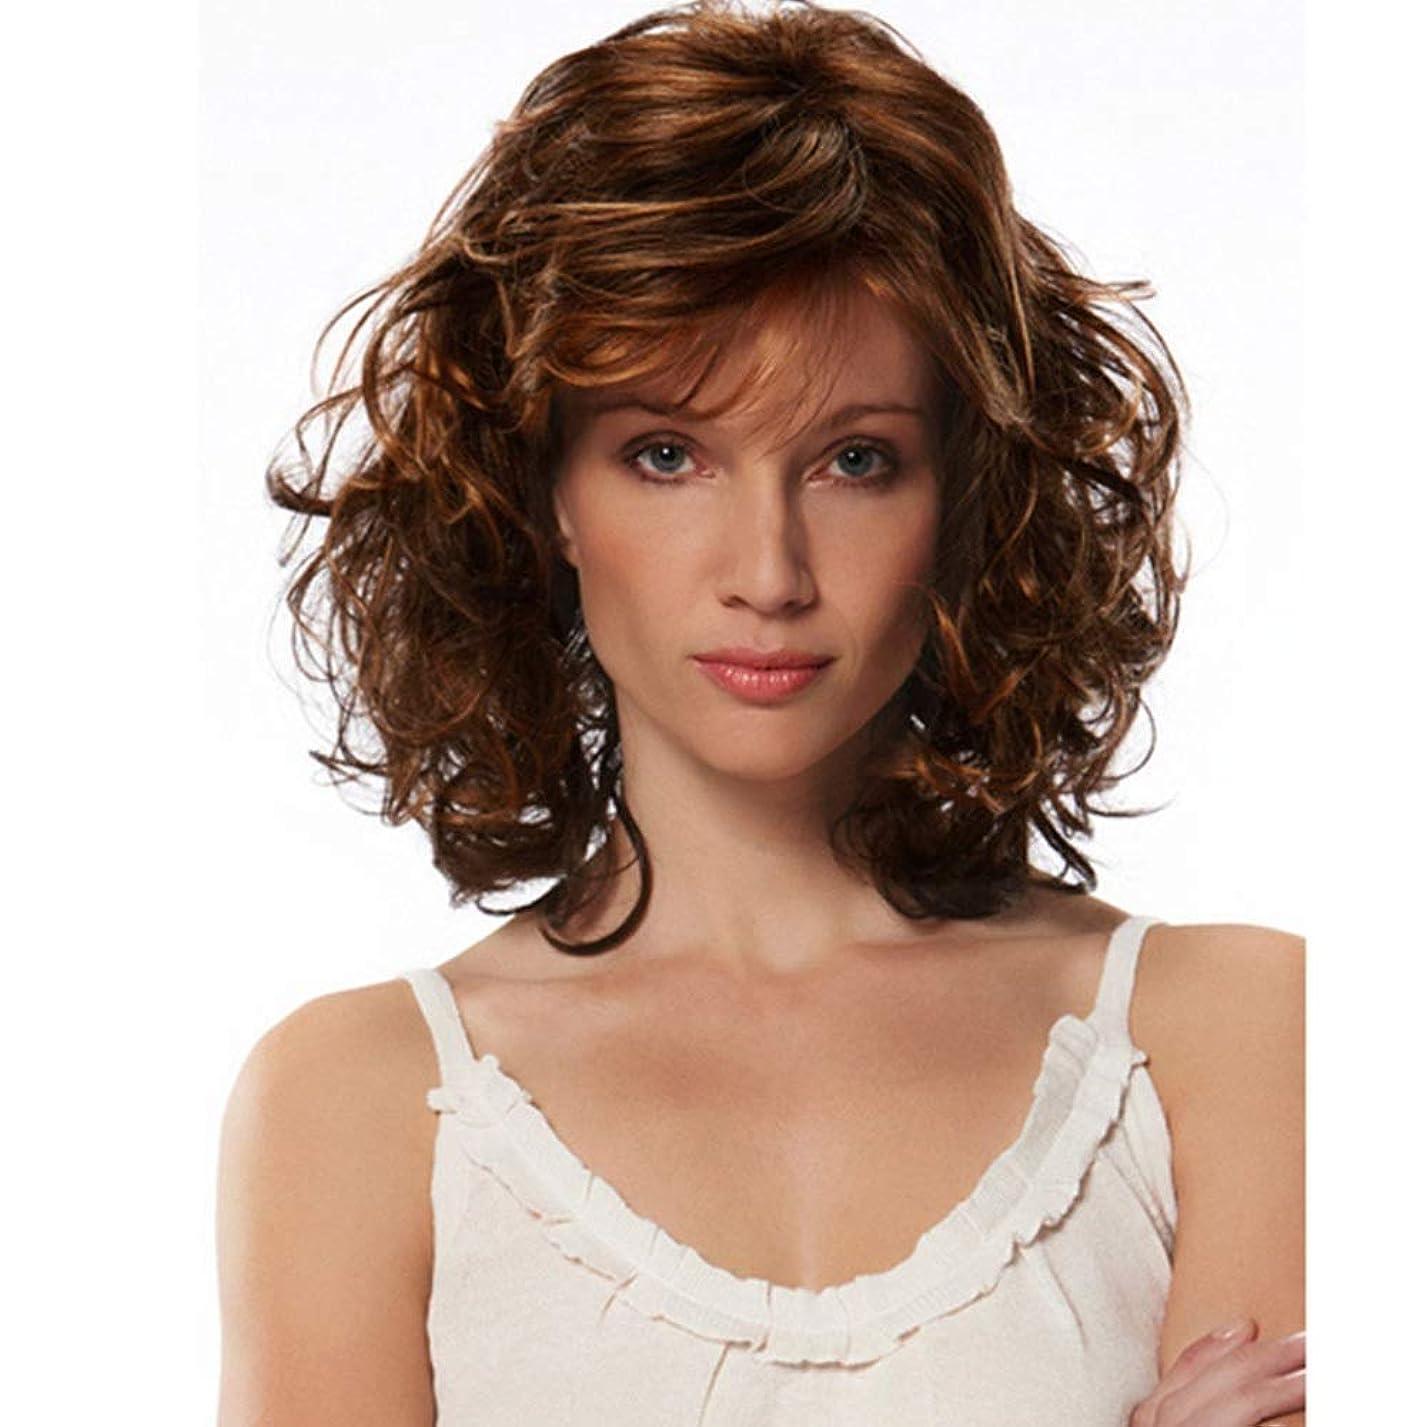 定常ミュート詳細なYrattary 中年の女性のための短い巻き毛の人工フルヘアウィッグ (色 : ブラウン)